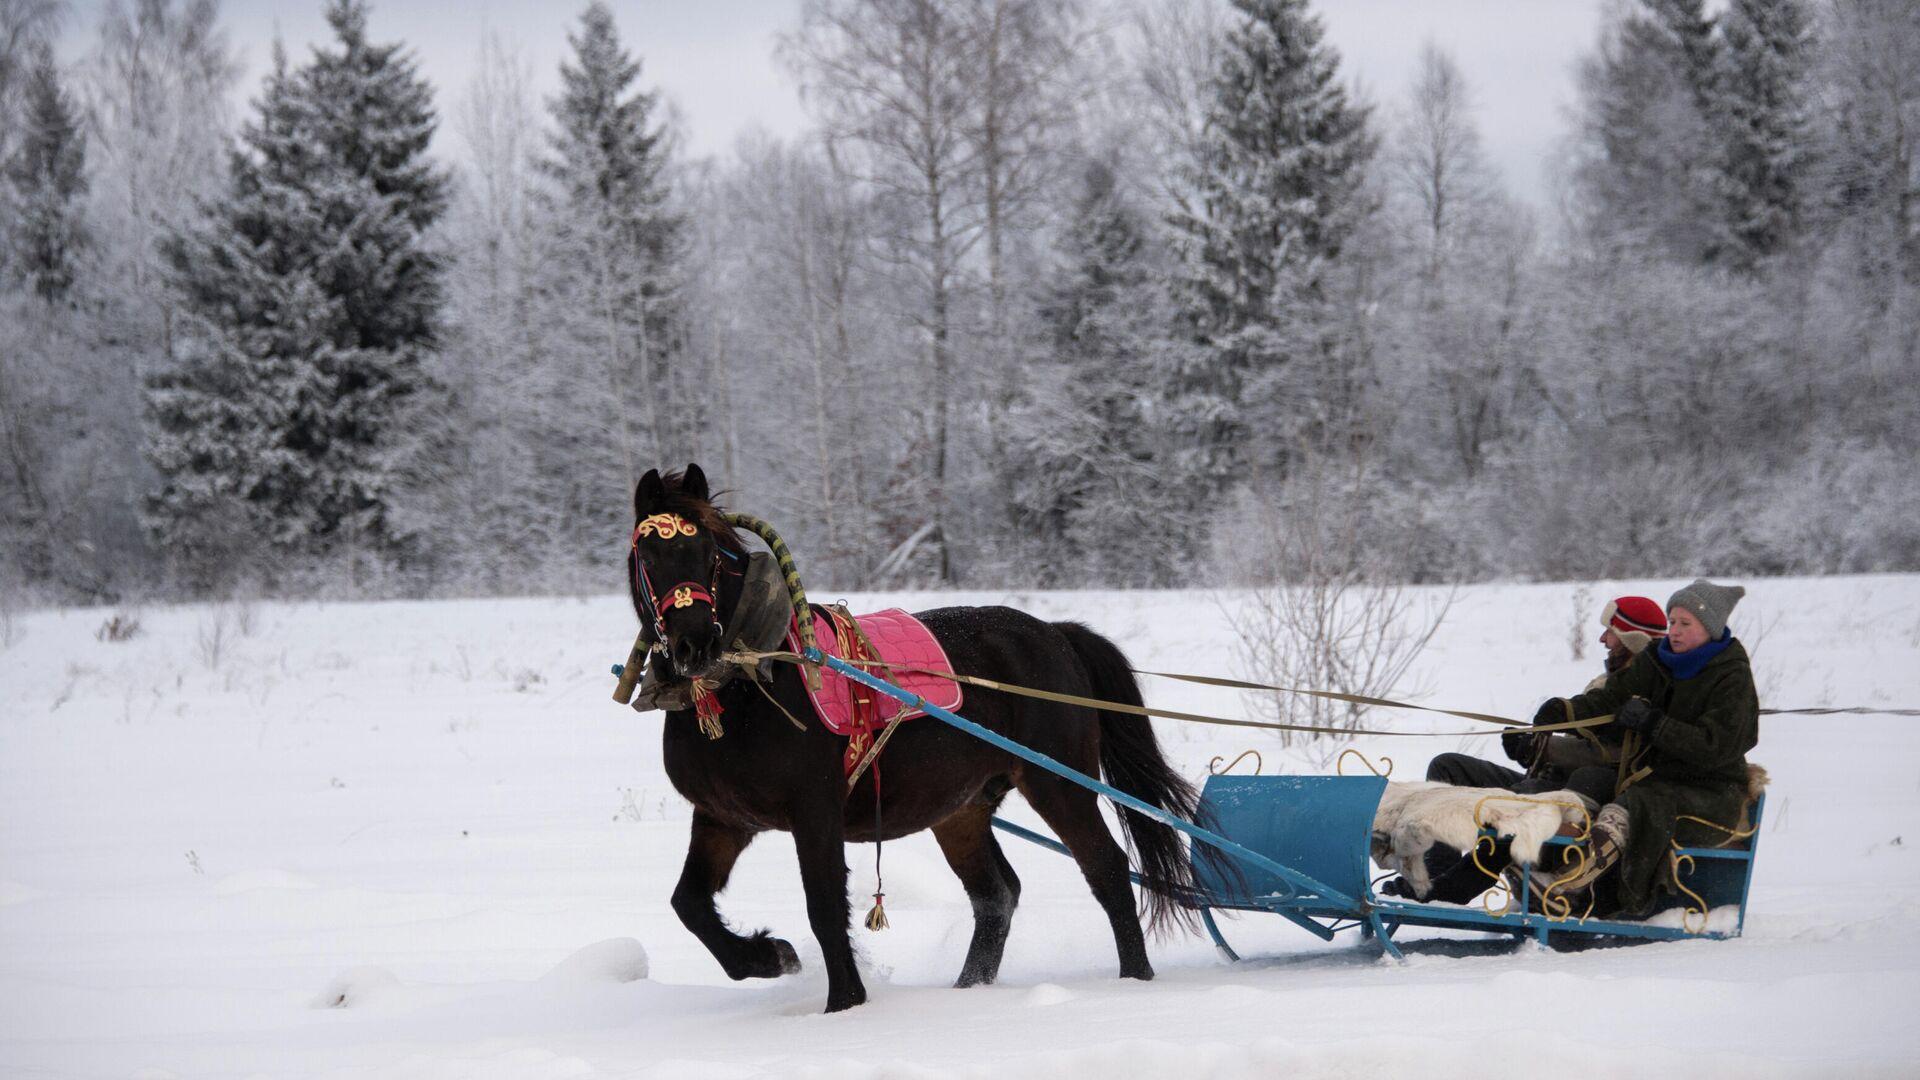 Катание на лошадях в Подмосковье - РИА Новости, 1920, 11.12.2020